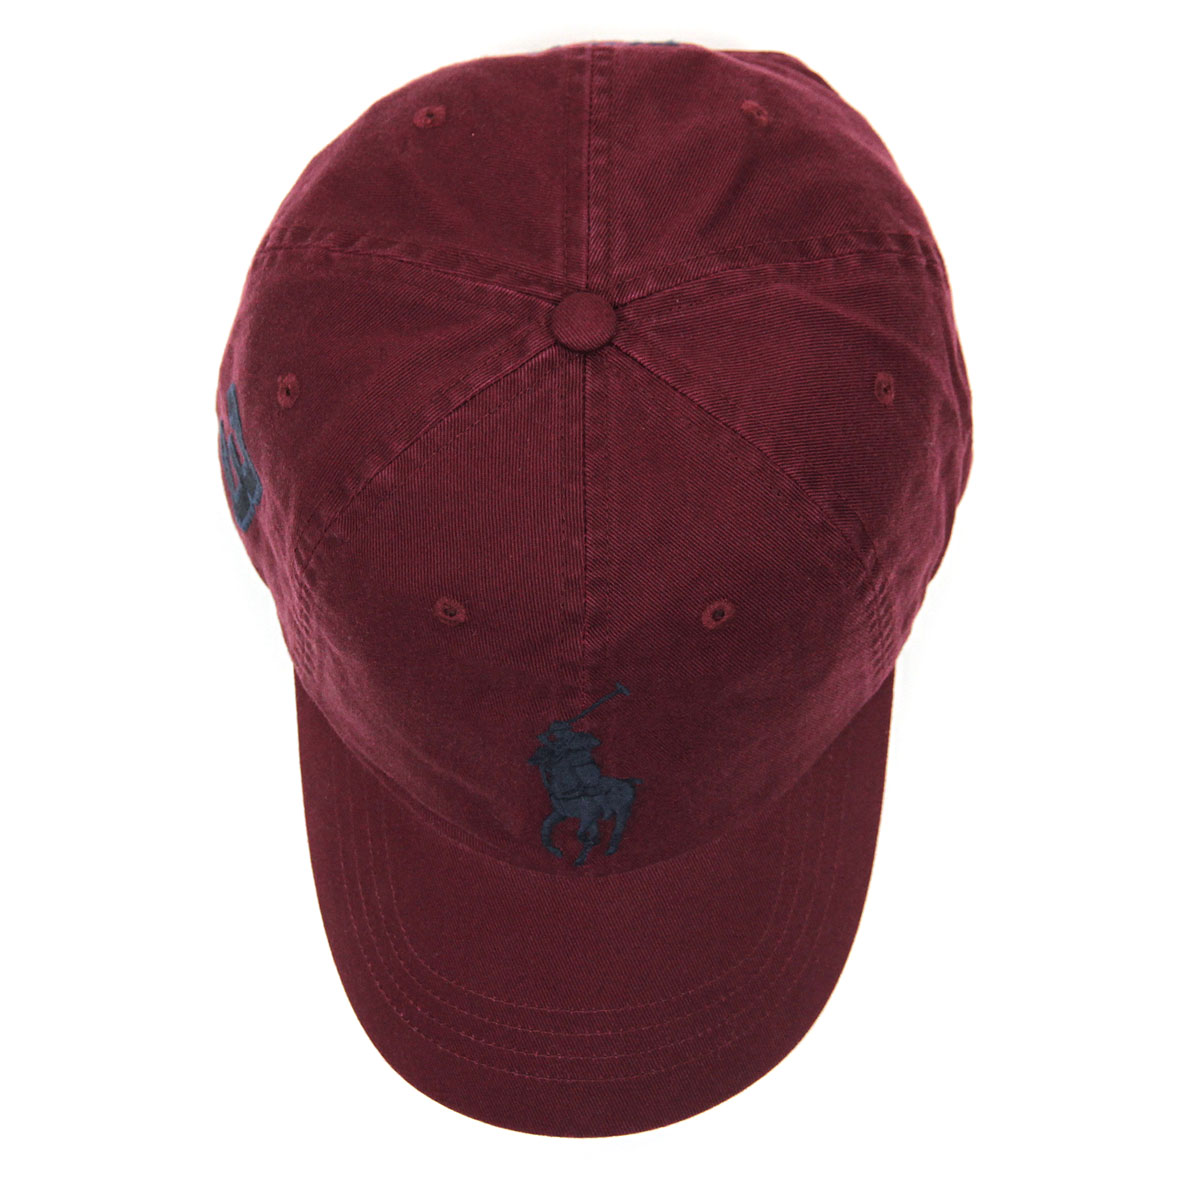 012f4d0a8265b ... Polo Ralph Lauren POLO RALPH LAUREN regular article men cap hat BIG  PONY COTTON CHINO BASEBALL